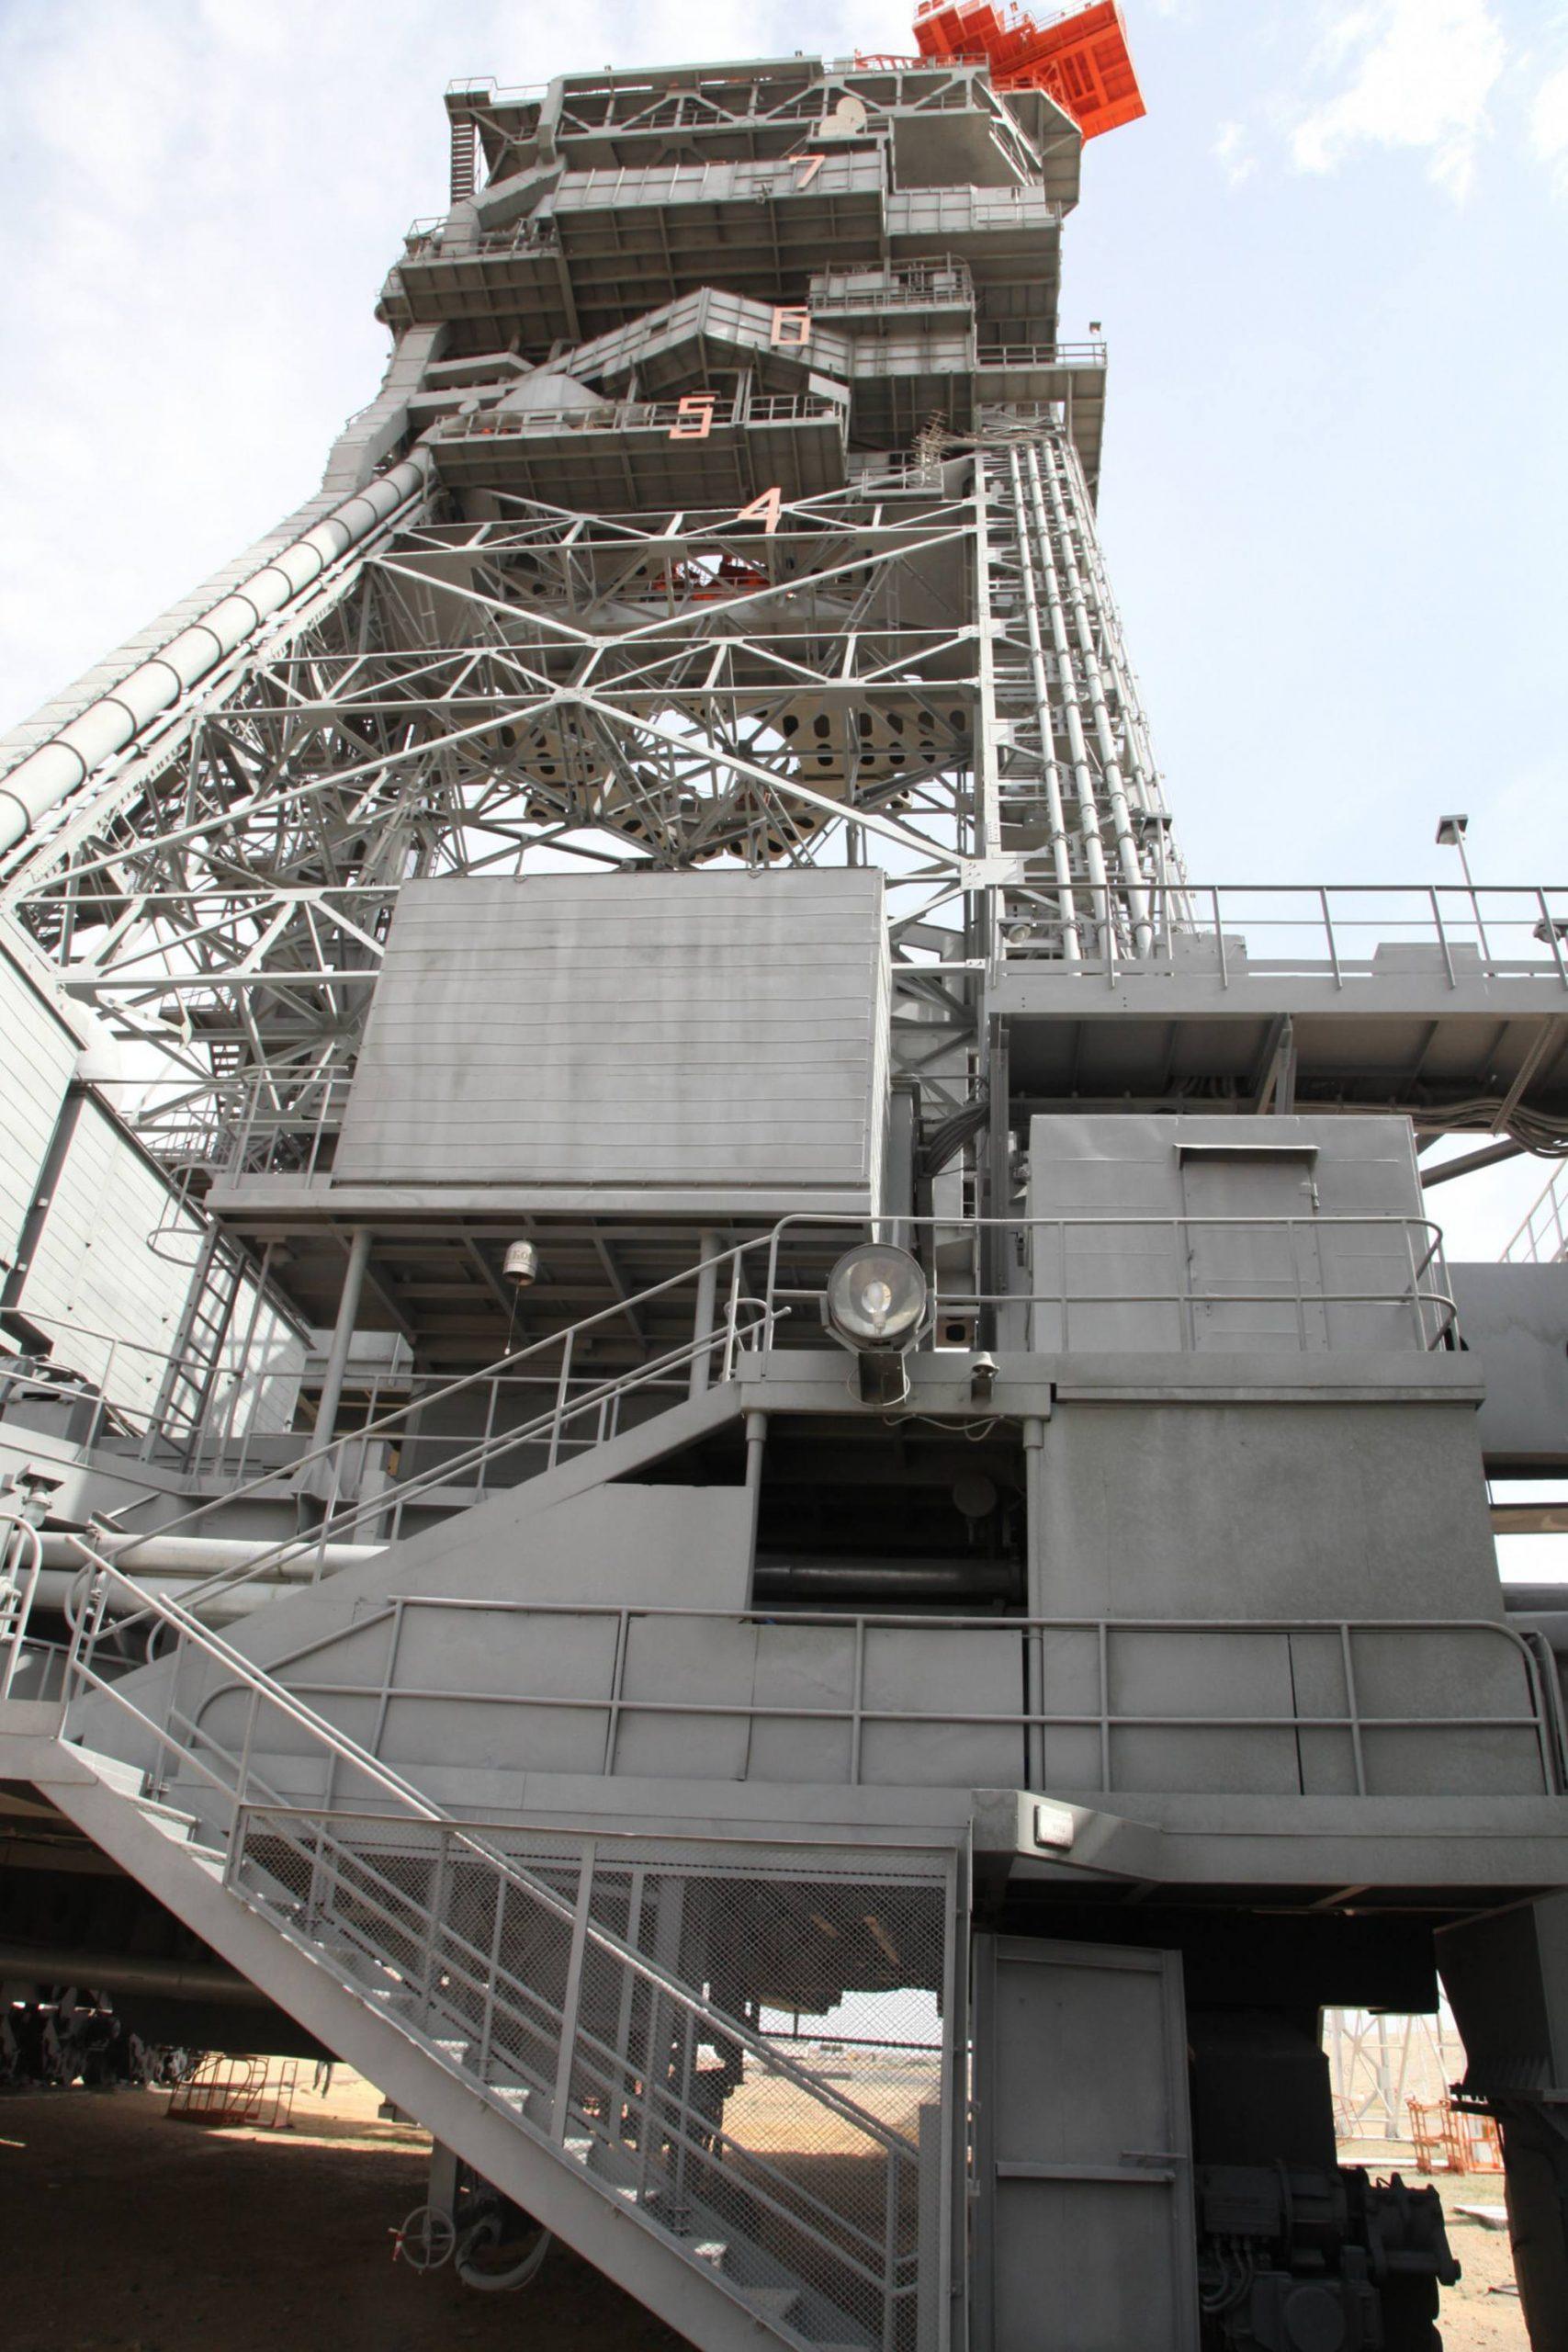 Tout ce travail s'effectue tout en haut de la tour de service mobile.